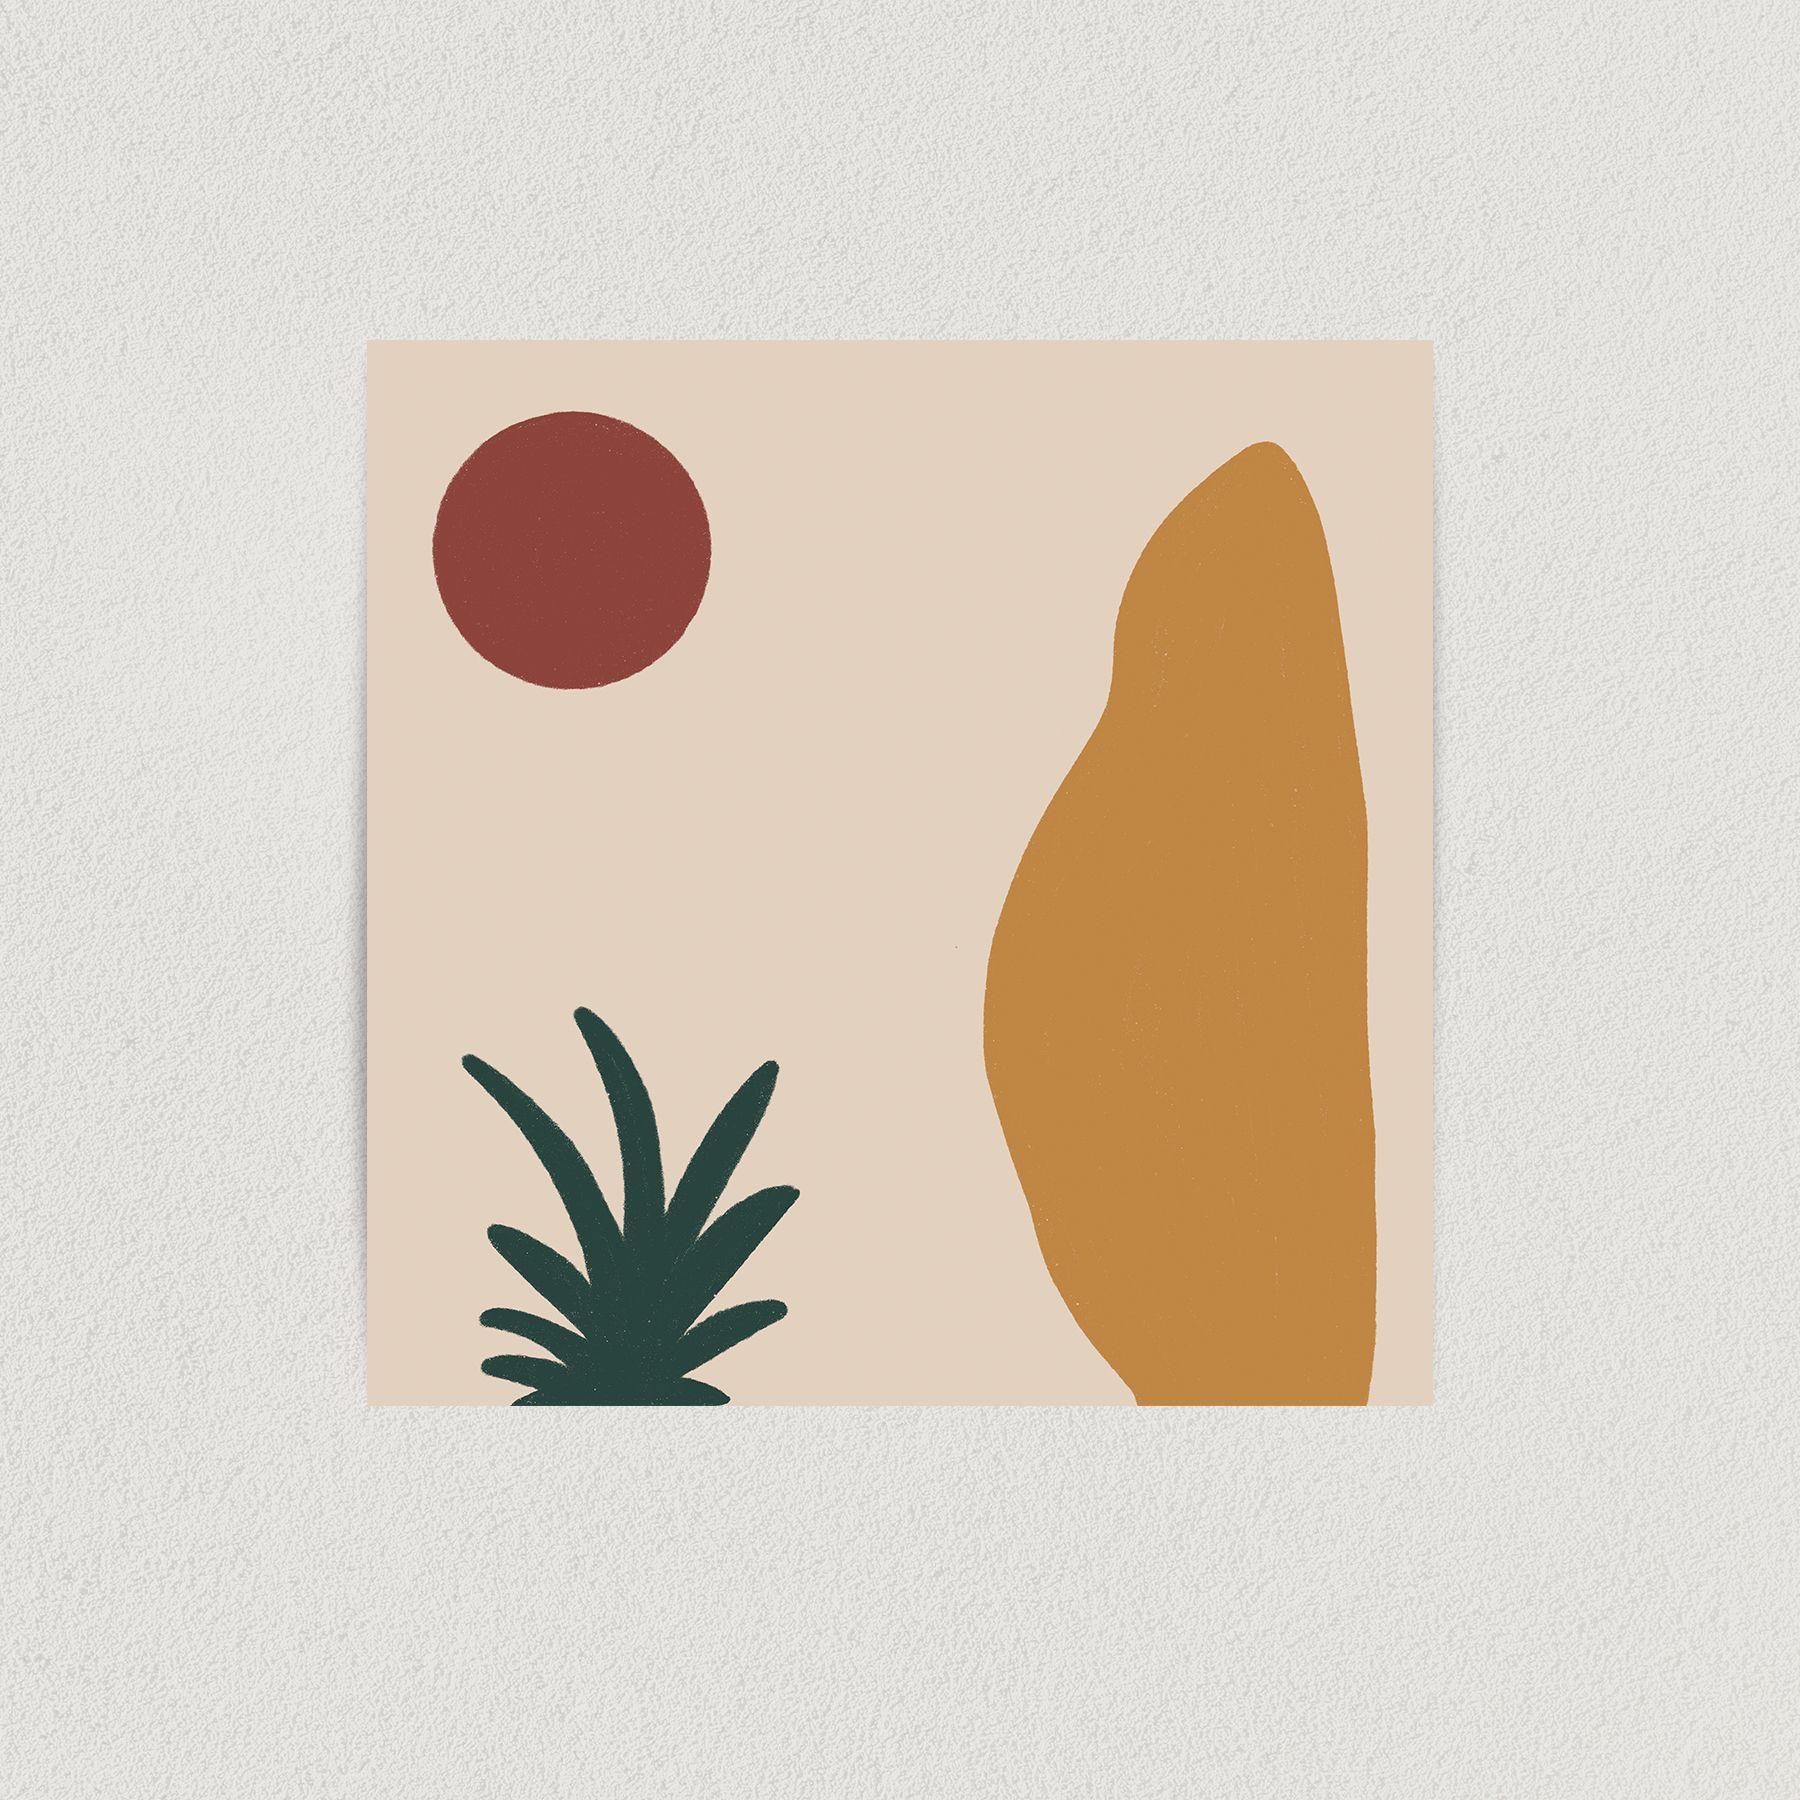 Abstract Desert Scene Art Print Poster 12″ x 12″ Wall Art An0021